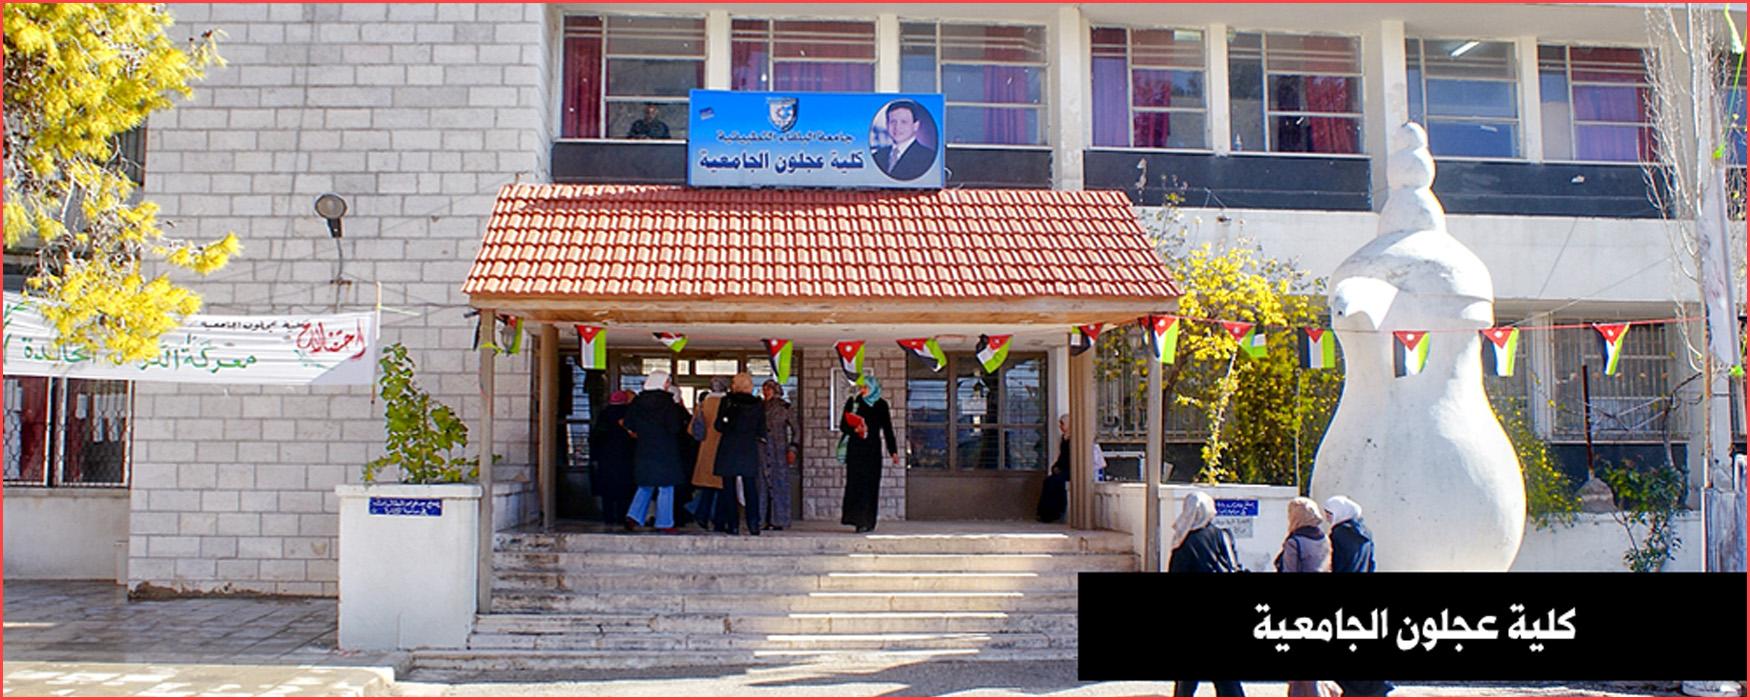 كلية عجلون الجامعية .. تعرف على البرامج الدراسية والأقسام الأكاديمية في الجامعة